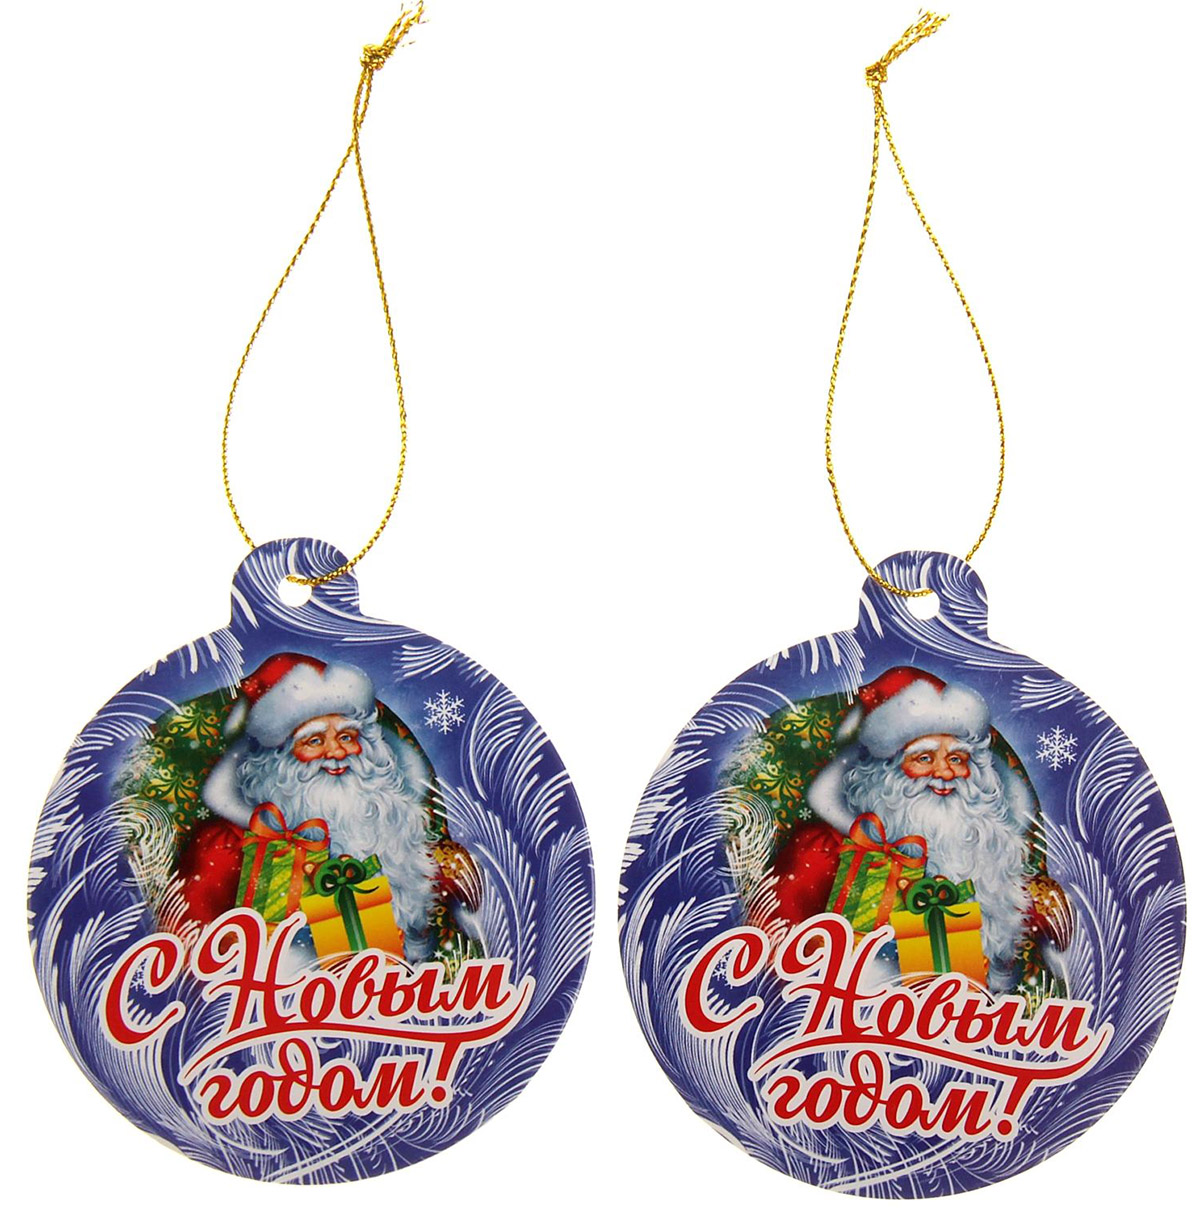 Новогоднее подвесное украшение Sima-land С Новым годом, 7 х 8 см, 2 шт906326Новогоднее украшение Sima-land отлично подойдет для декорации вашего дома и новогодней ели.Елочная игрушка - символ Нового года. Она несет в себе волшебство и красоту праздника. Такое украшение создаст в вашем доме атмосферу праздника, веселья и радости.